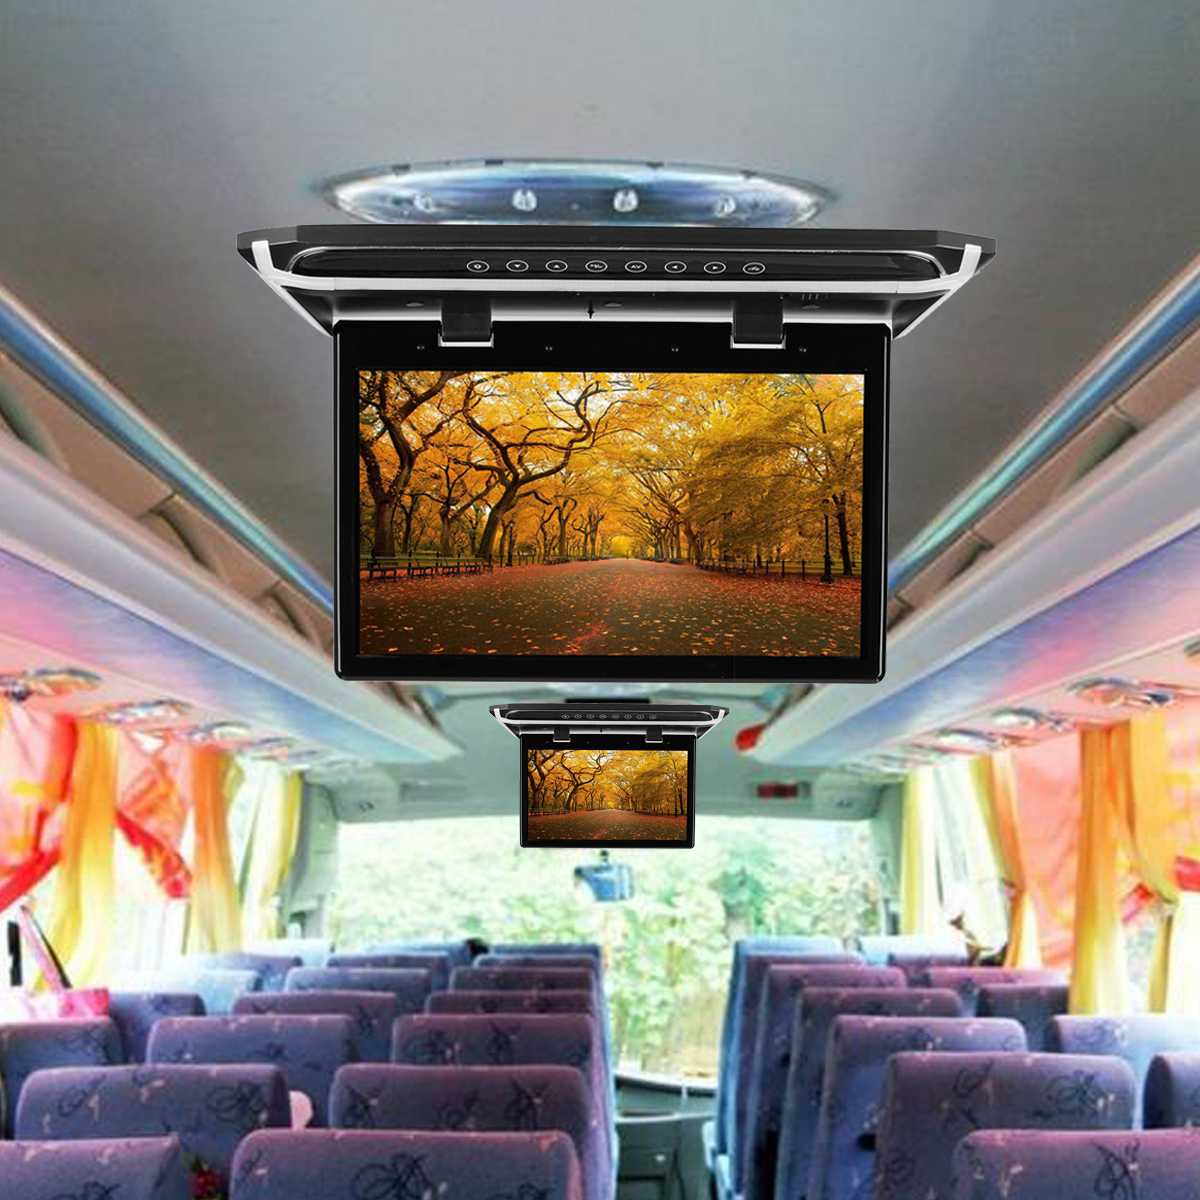 15.6 HD lecteur DVD de voiture grand écran HDMI plafond de voiture rabattable moniteur lecteur de montage sur le toit 1920*1080